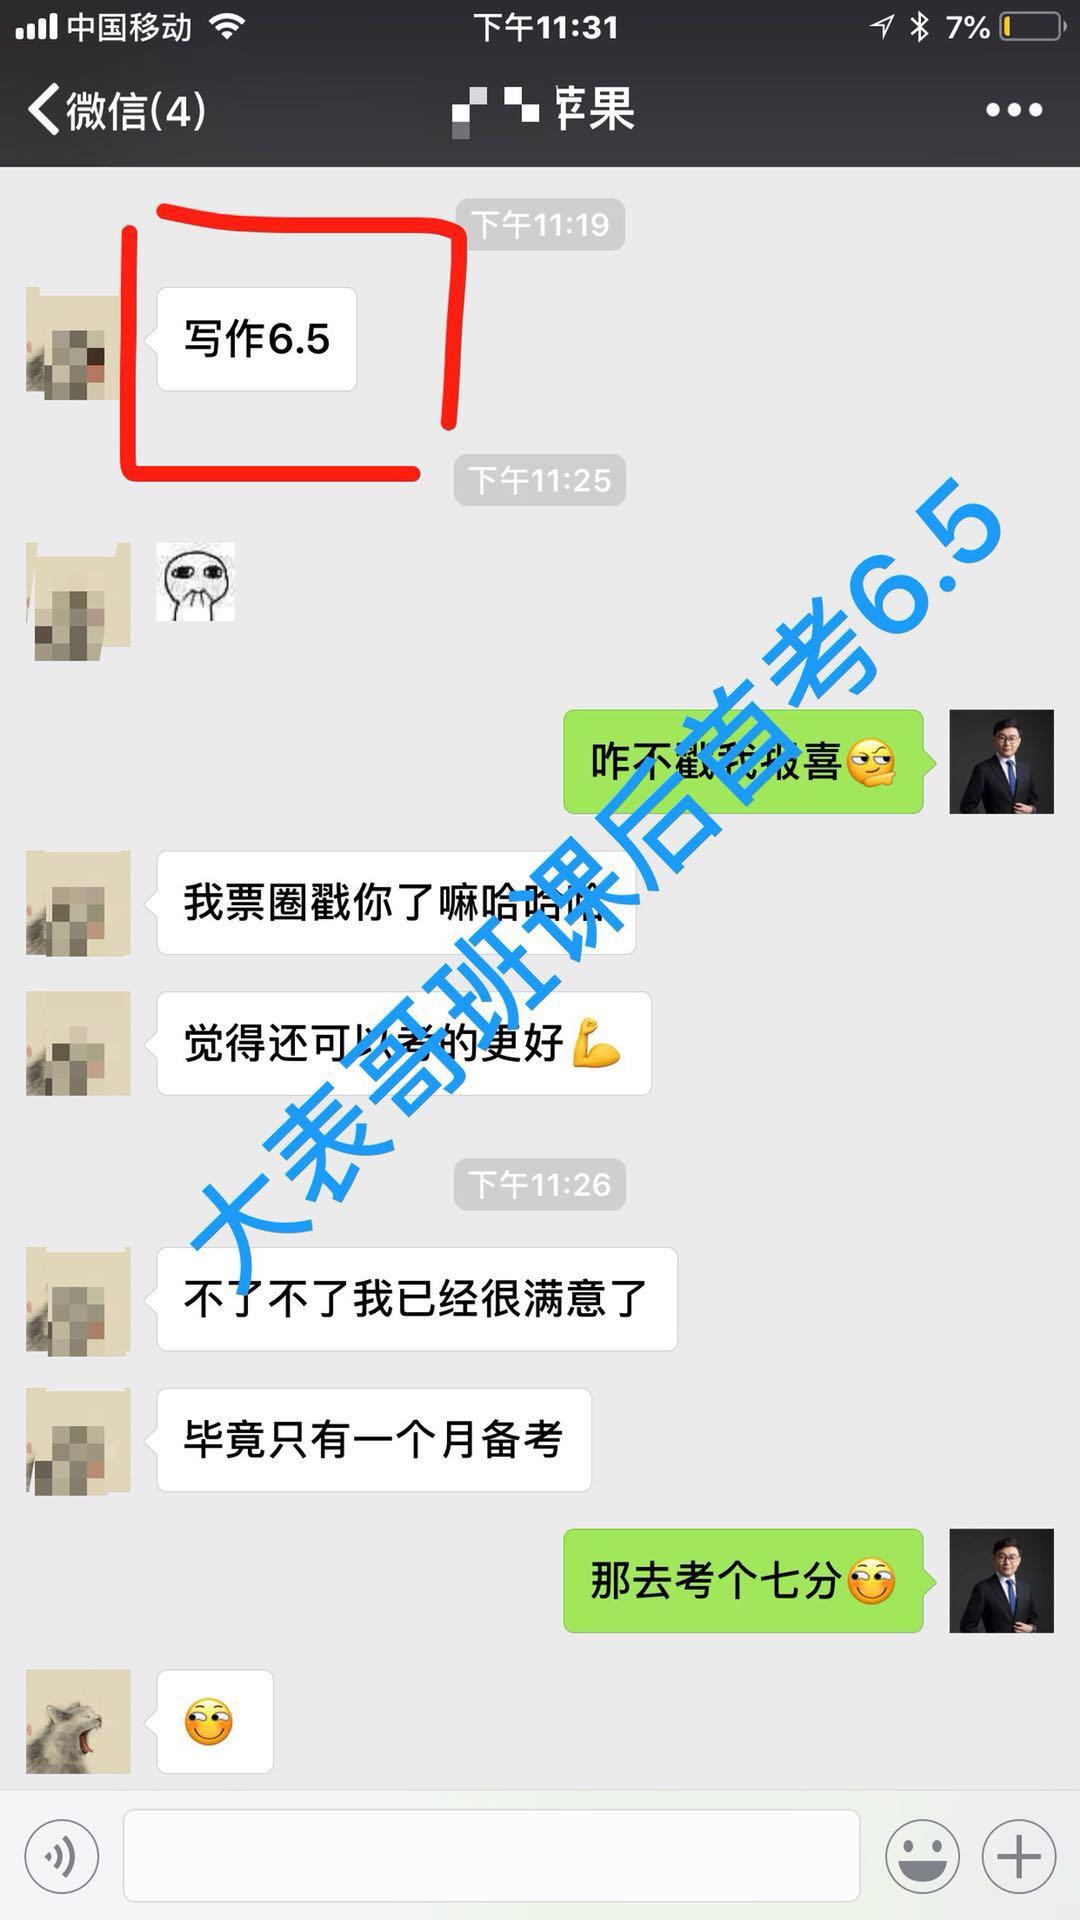 郑庆利学员评价2